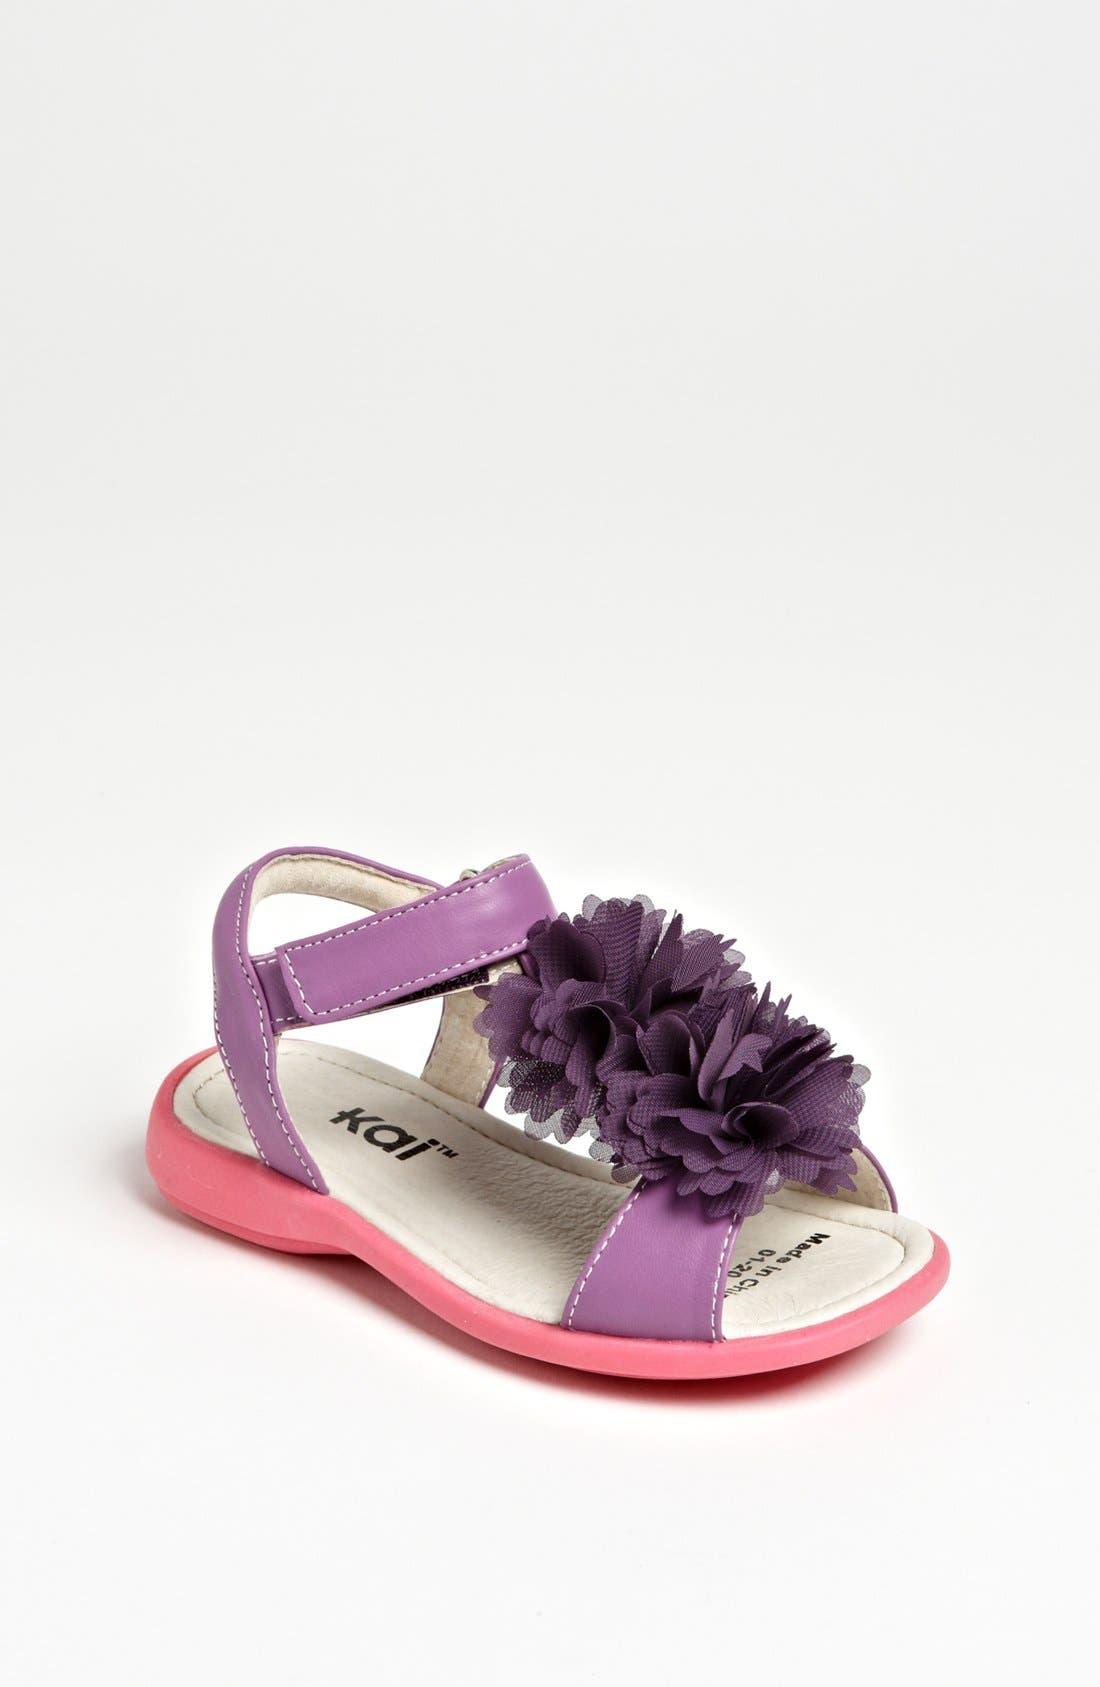 Alternate Image 1 Selected - See Kai Run 'Genevieve Blossom' Sandal (Toddler & Little Kid)